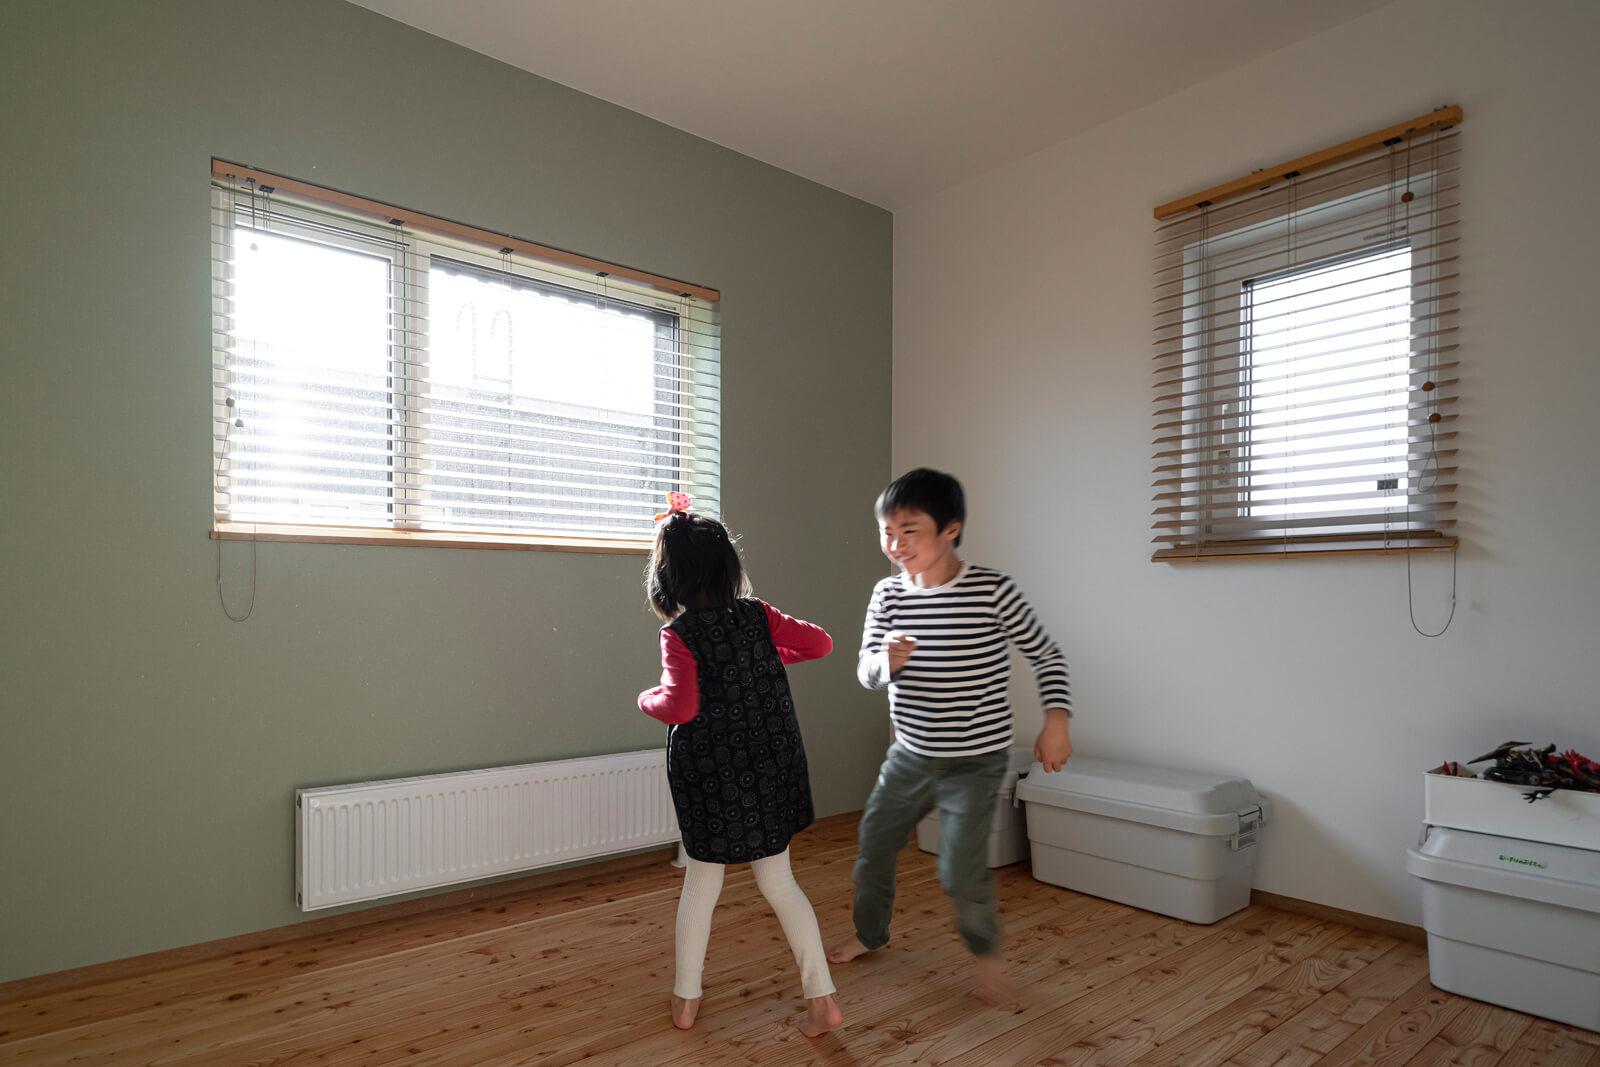 子ども部屋は落ち着いた色味のアセントクロスで雰囲気良く仕上げた